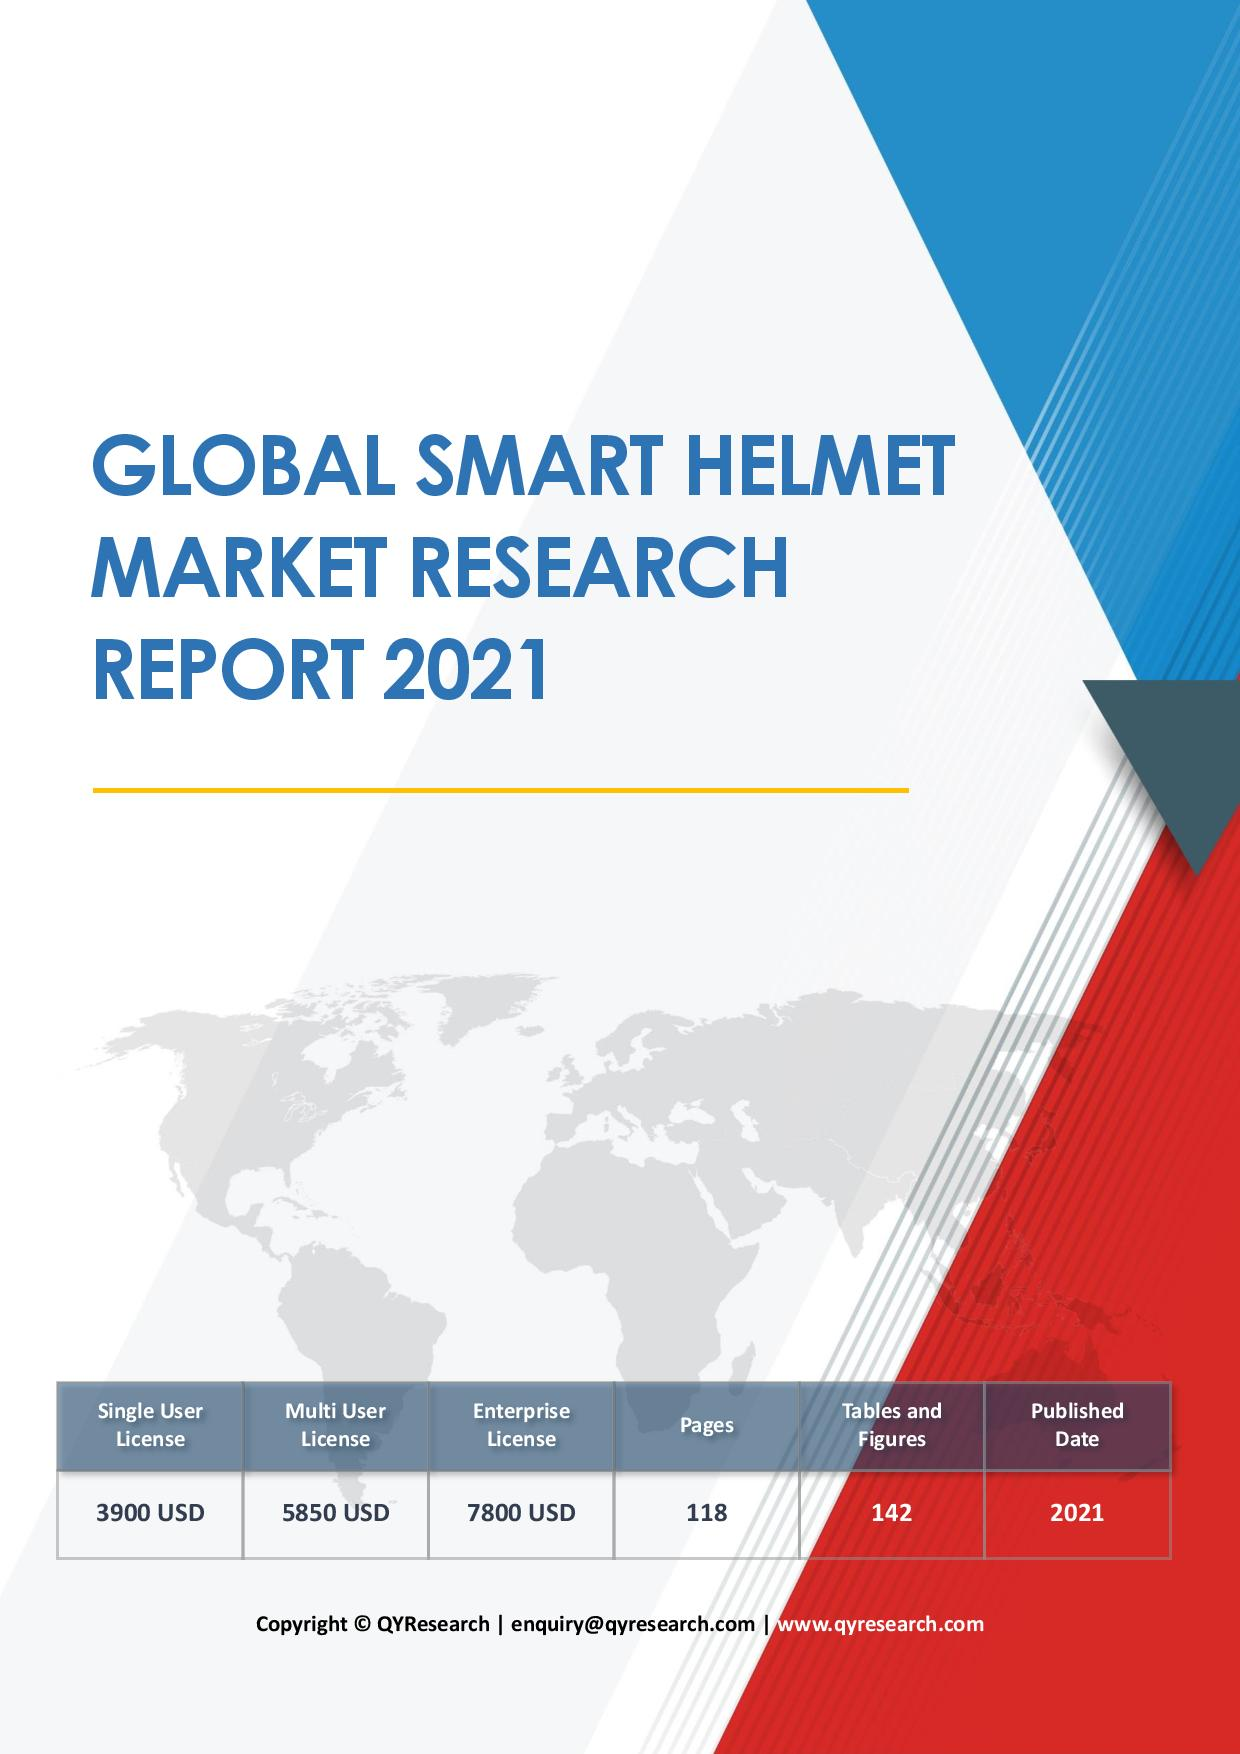 Global Smart Helmet Market Research Report 2020